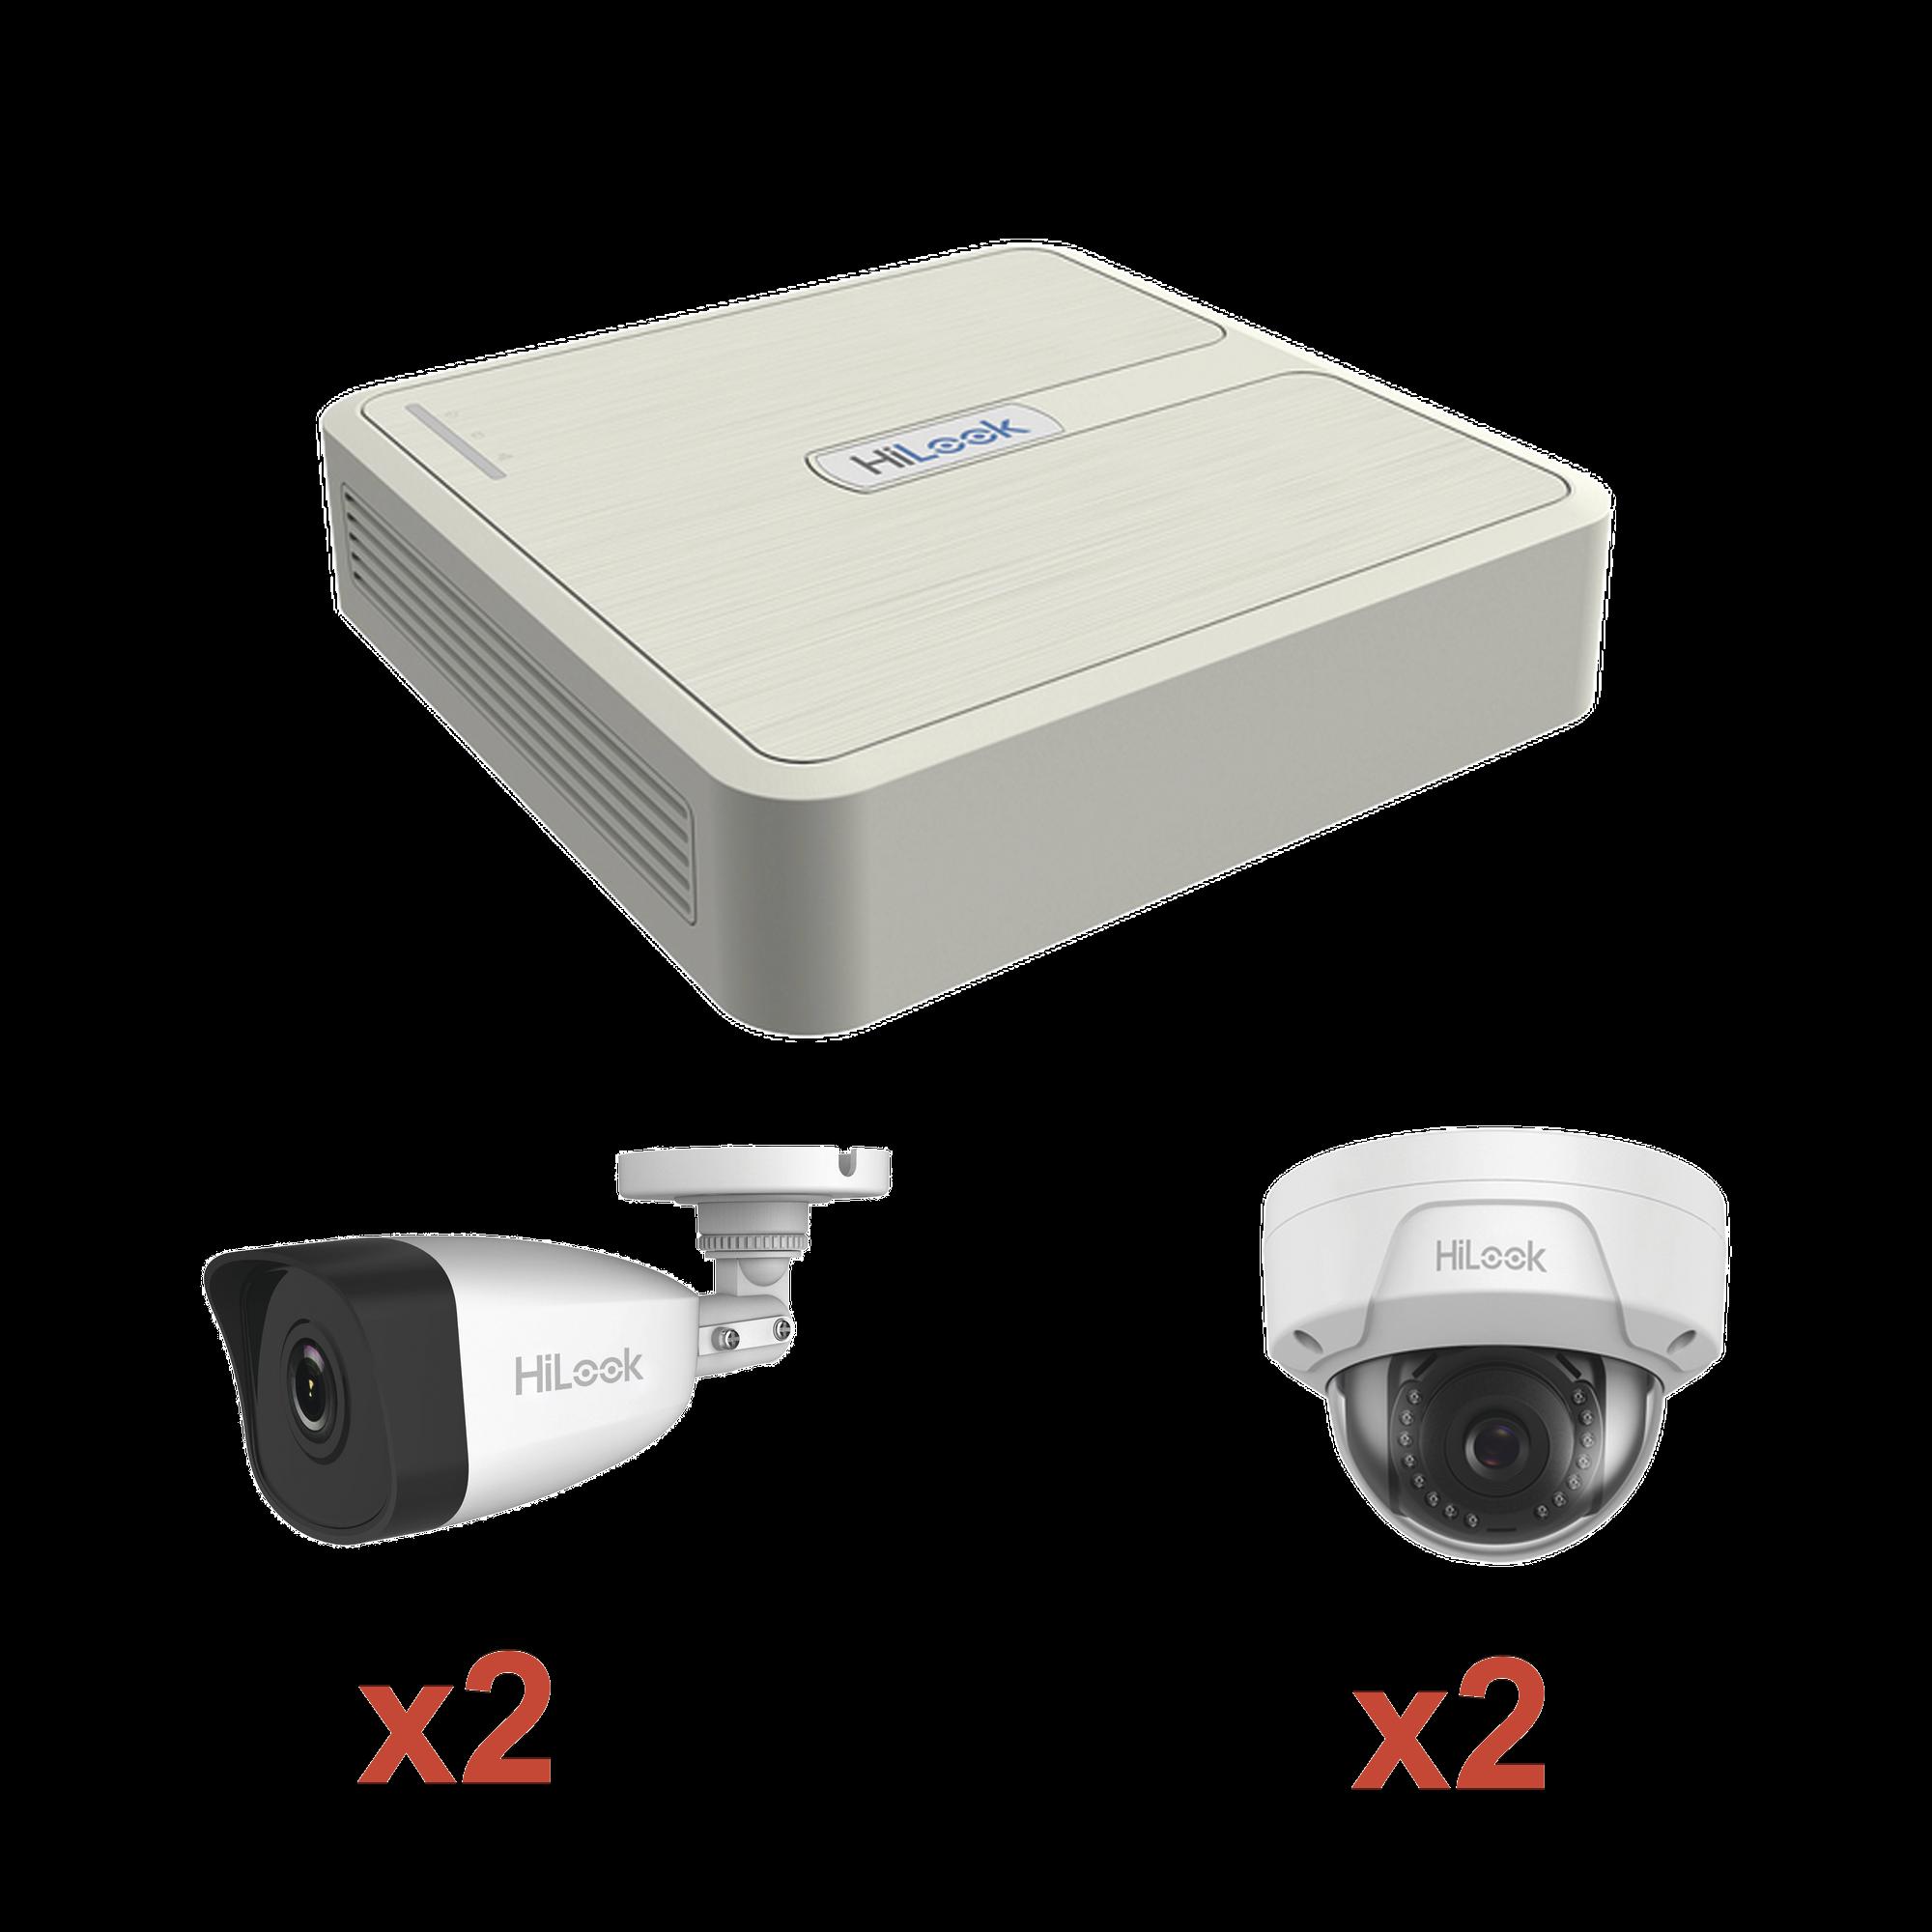 KIT IP 1080p / NVR de 4 Canales / 2 Cámaras IP Bala / 2 Cámaras IP Domo